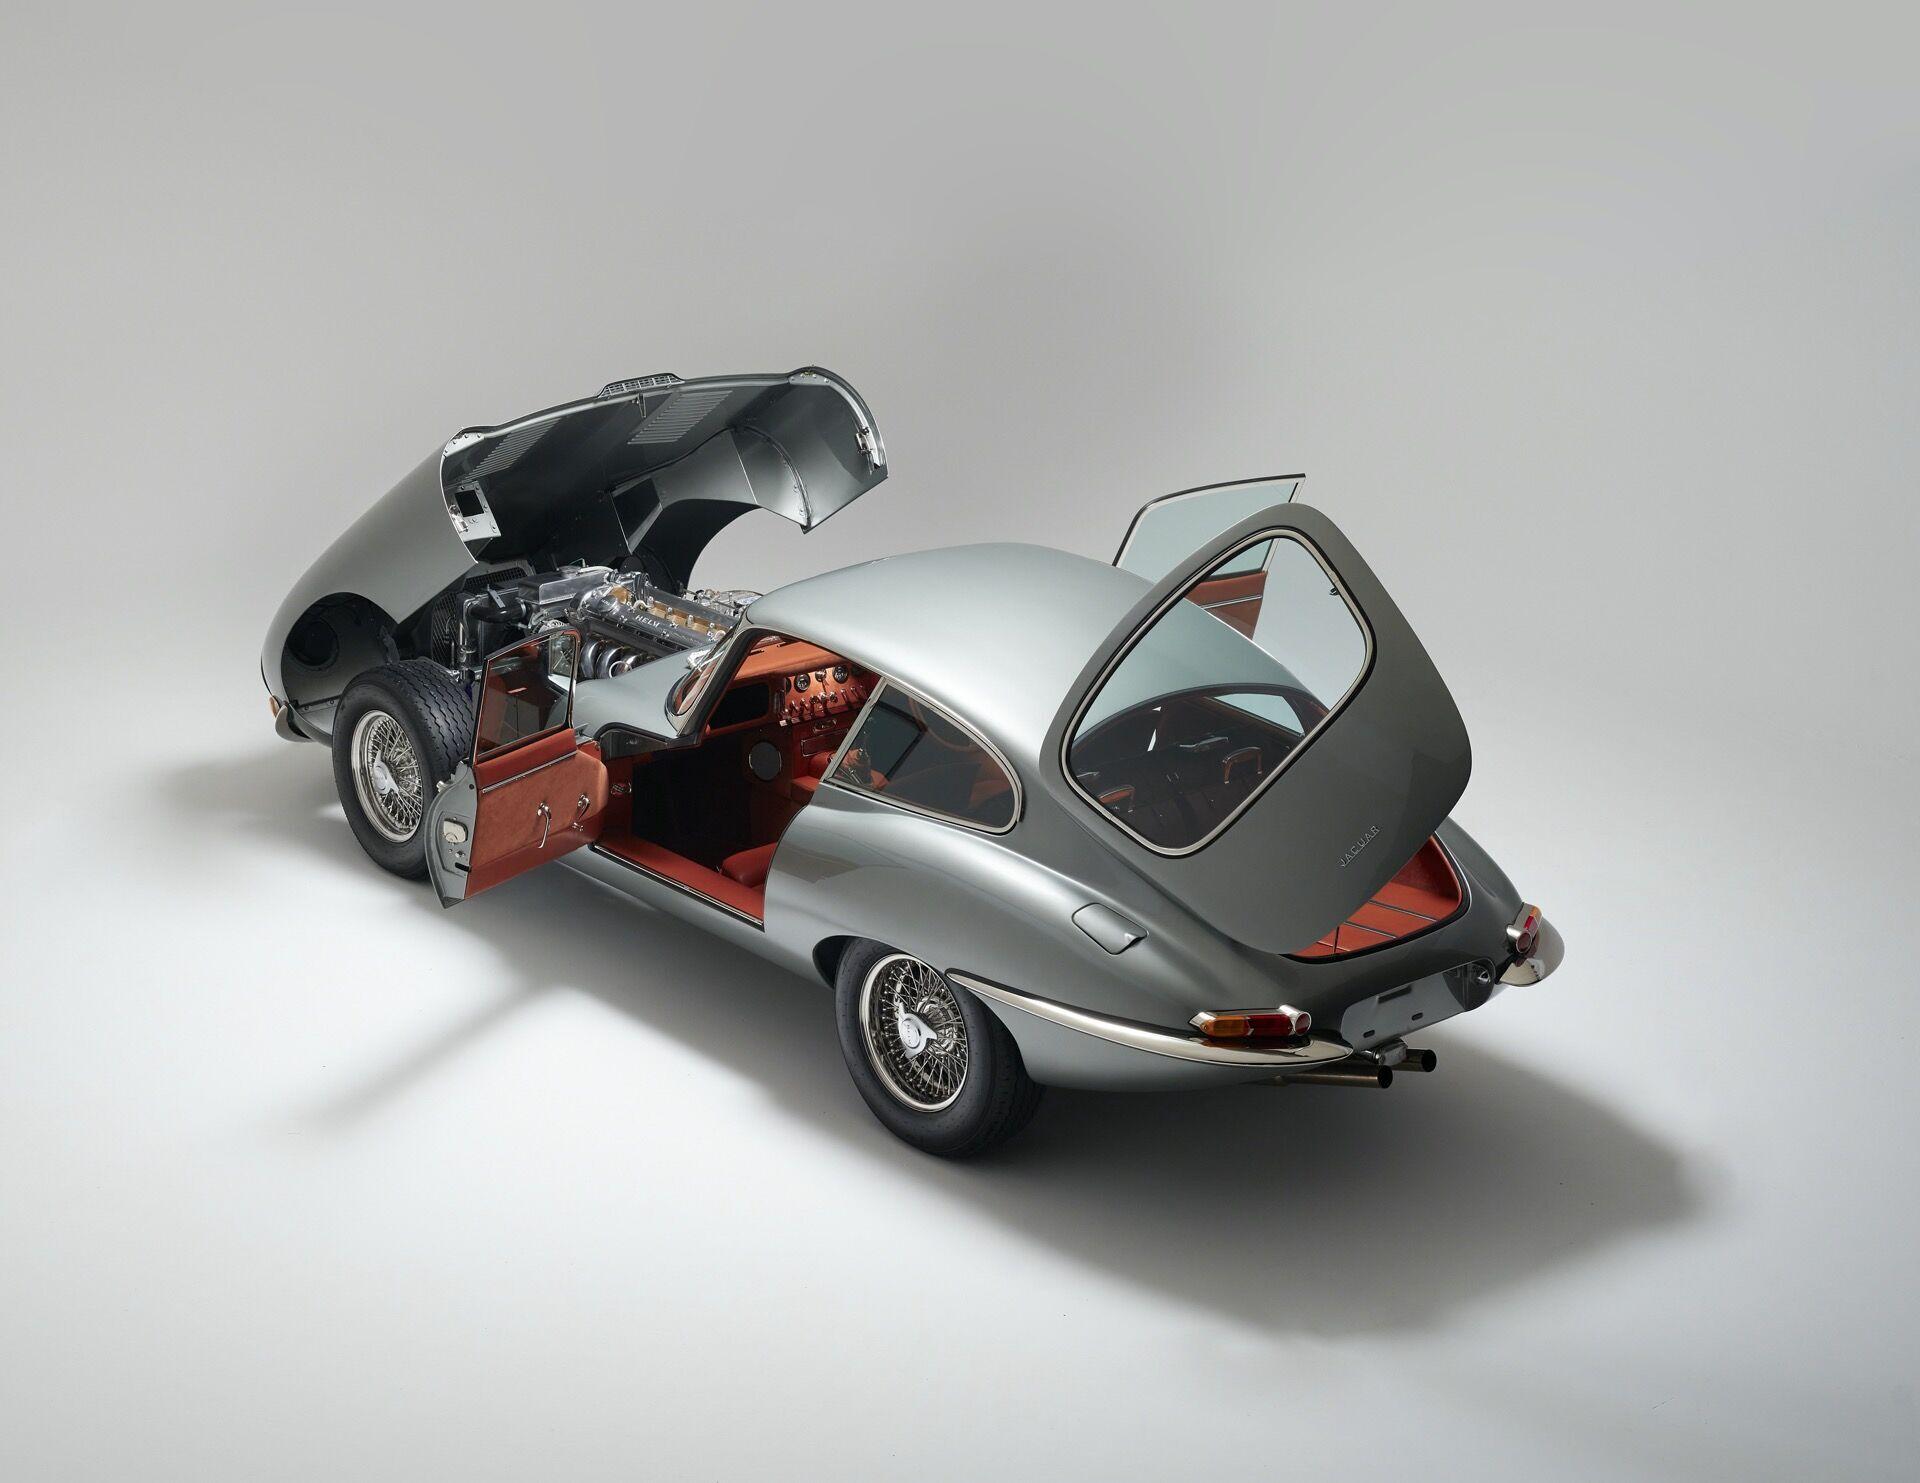 Всего будет изготовлено 20 экземпляров модели Helm Jaguar E-type